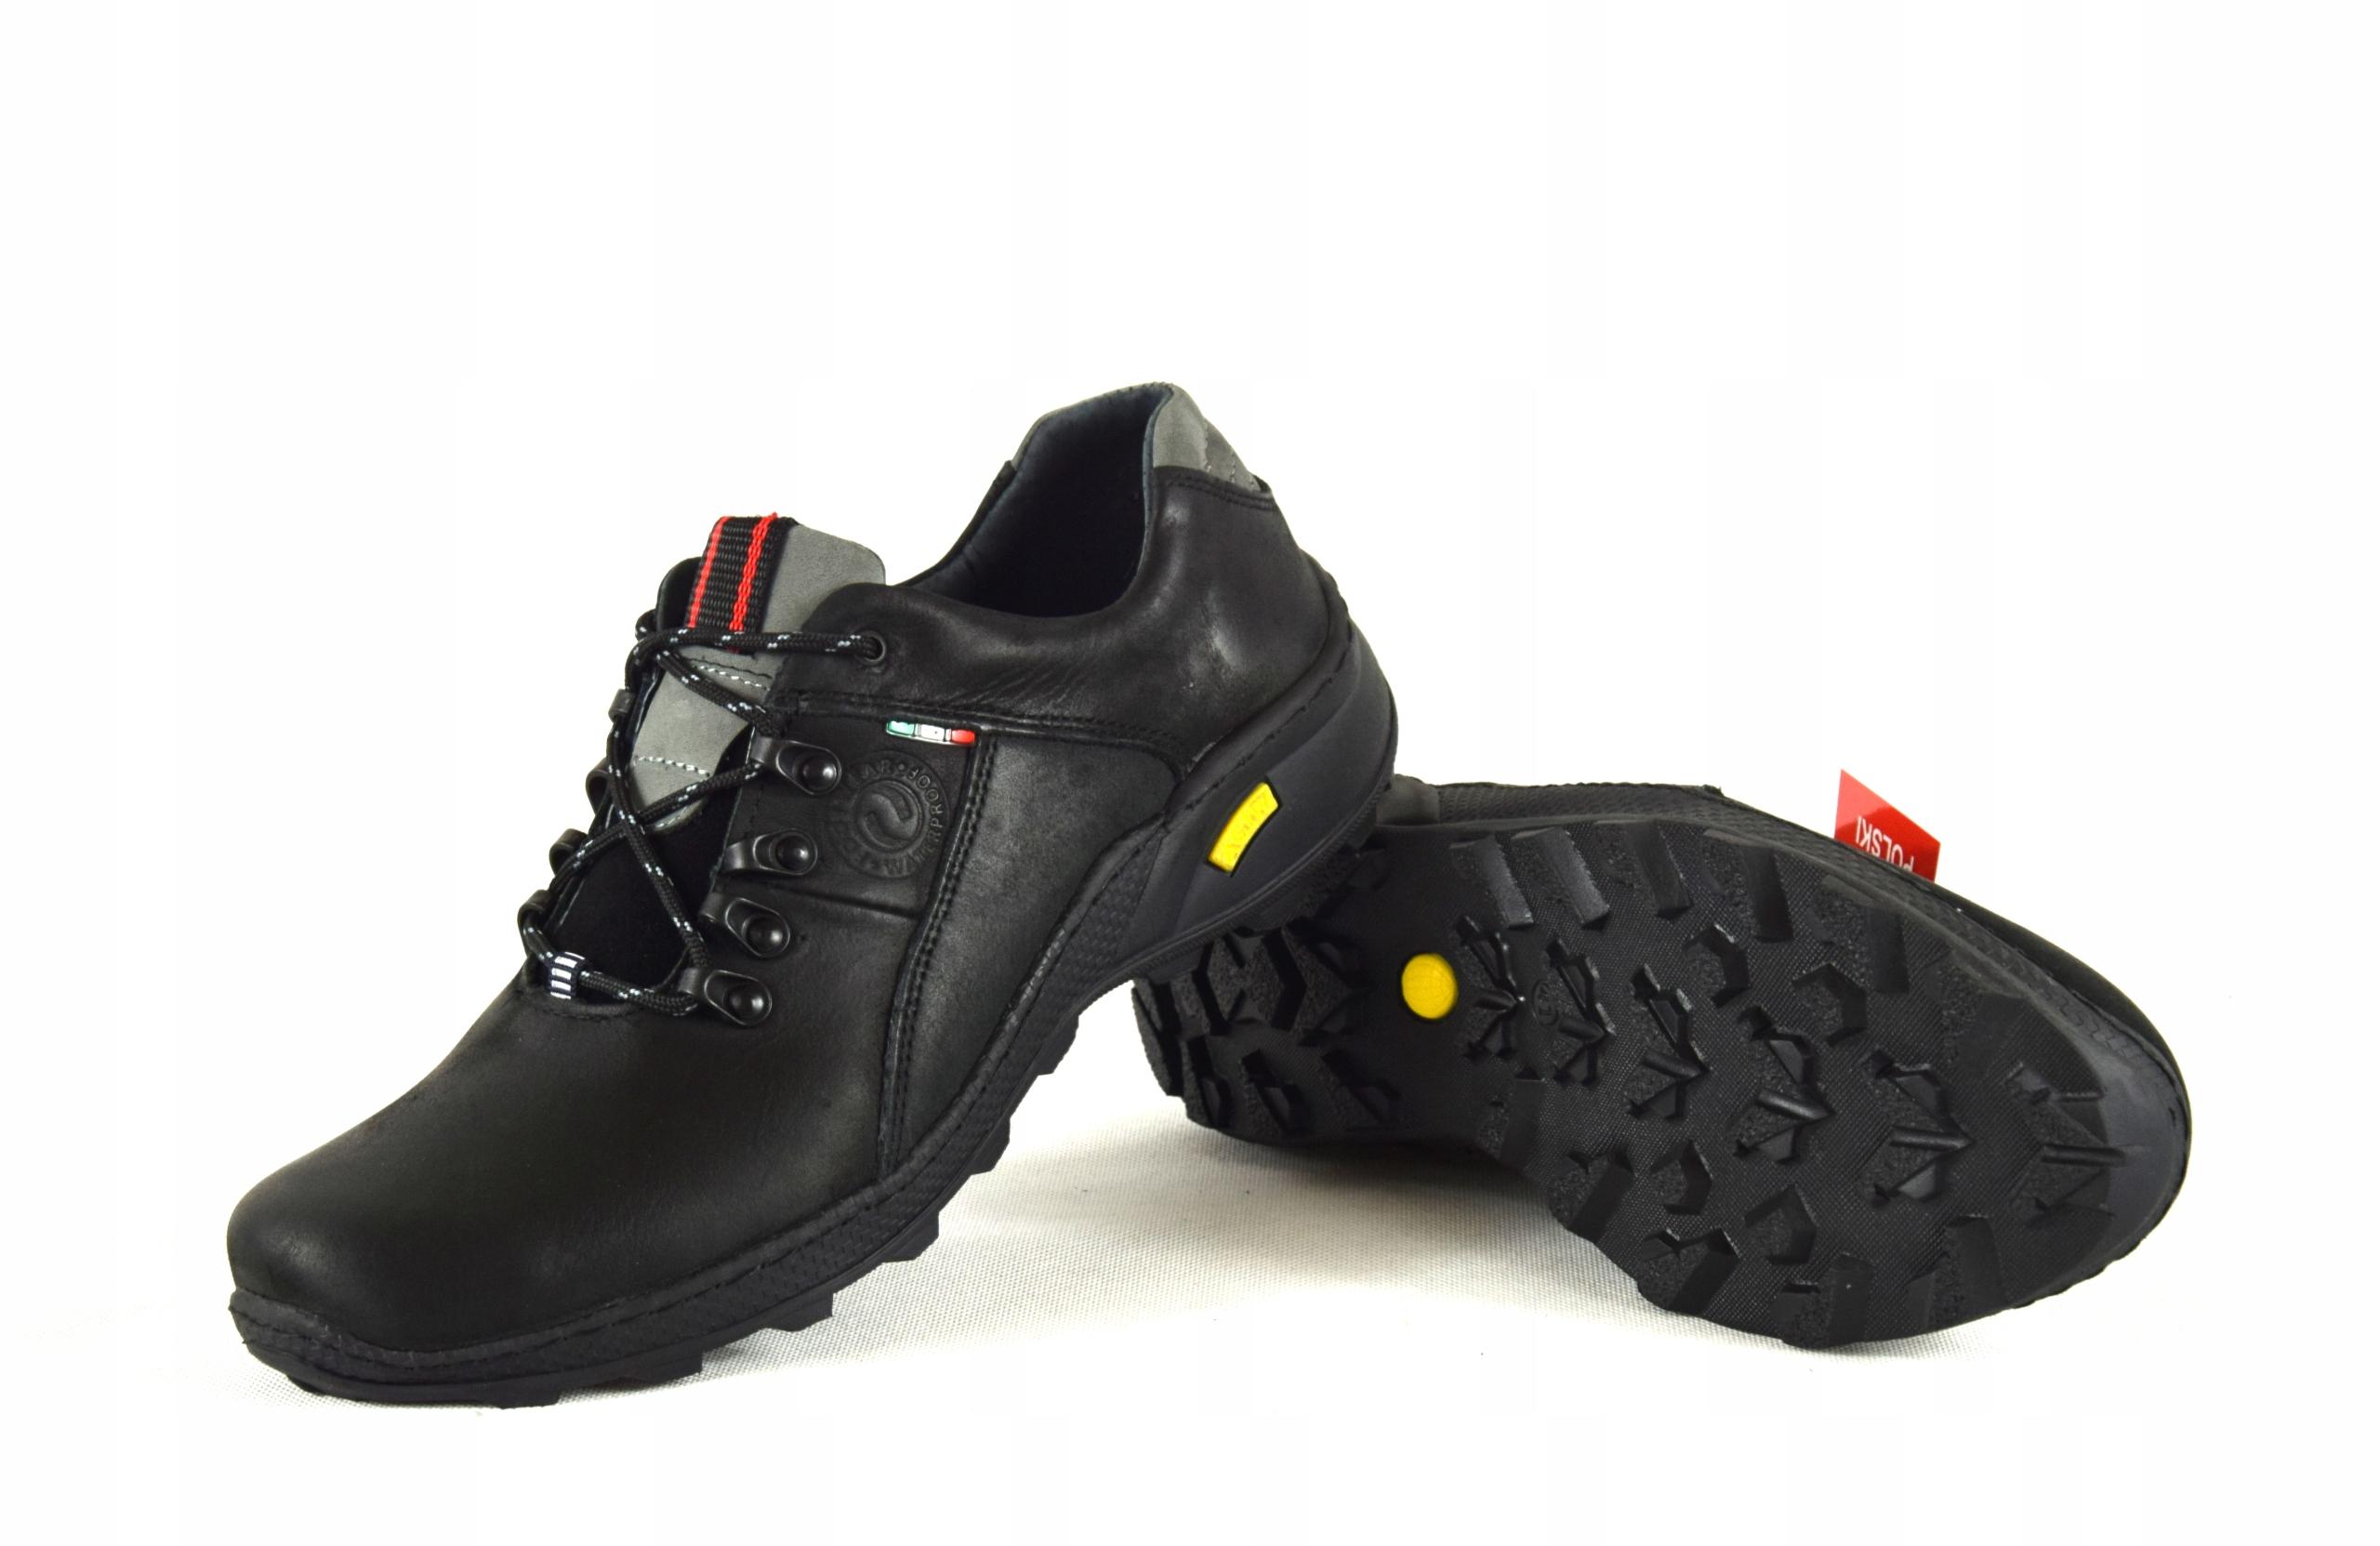 Męskie skórzane obuwie trekkingowe ze skóry 296 Długość wkładki 28.5 cm